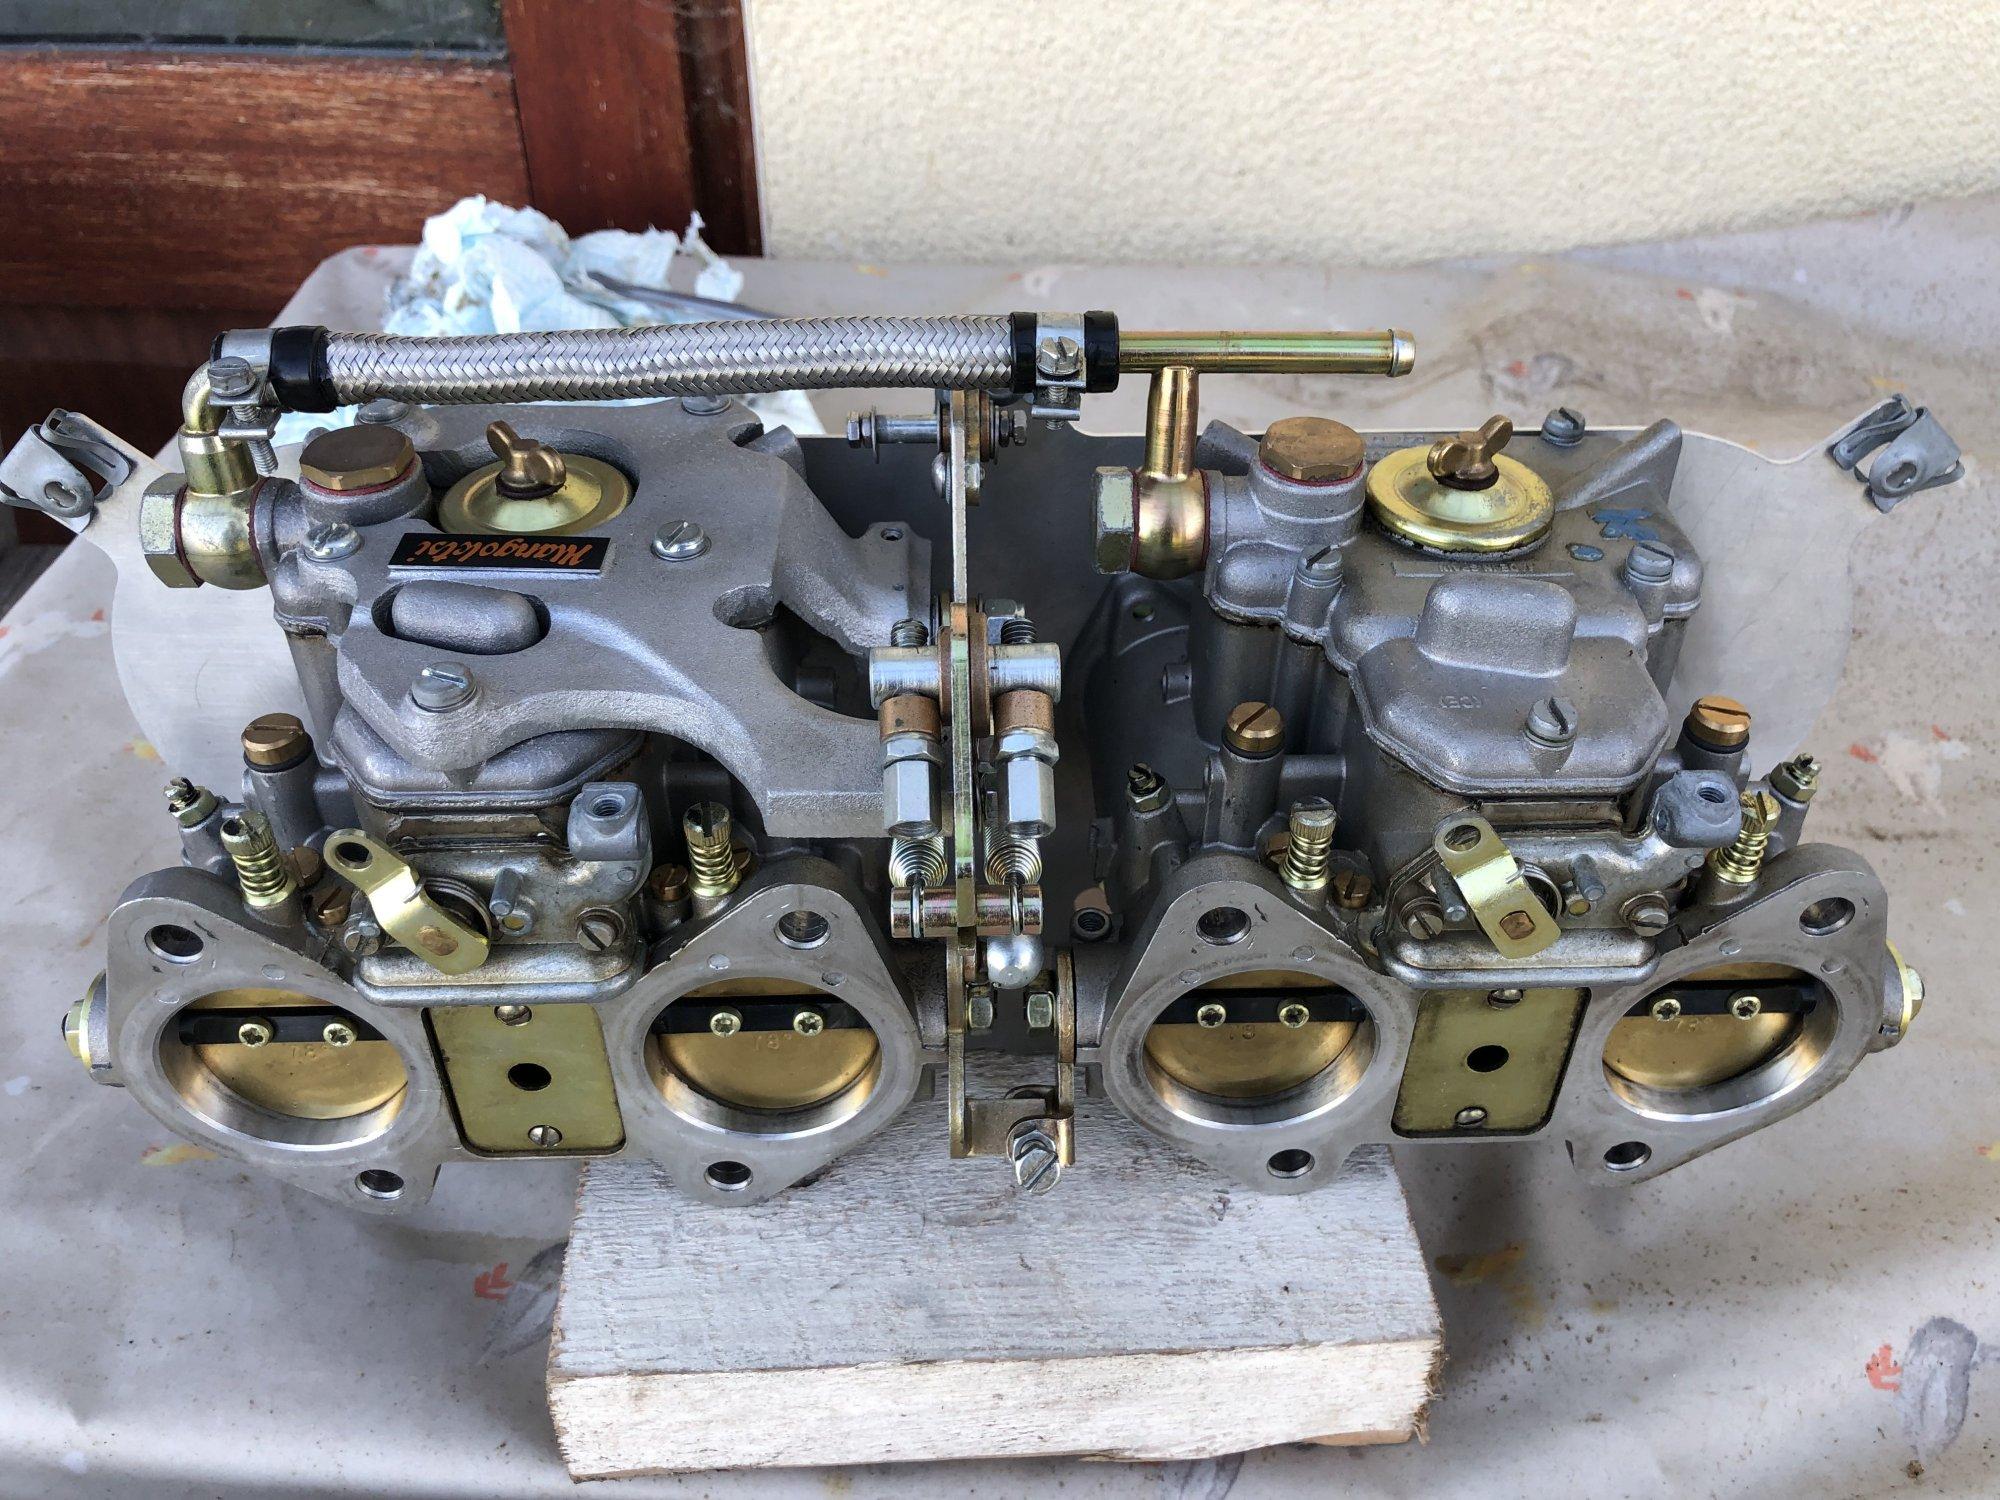 707BA60F-9874-4DB8-83CB-A89280C05BF1.thumb.jpeg.f645ccd7a37f1bb4d492fa0a349d630a.jpeg